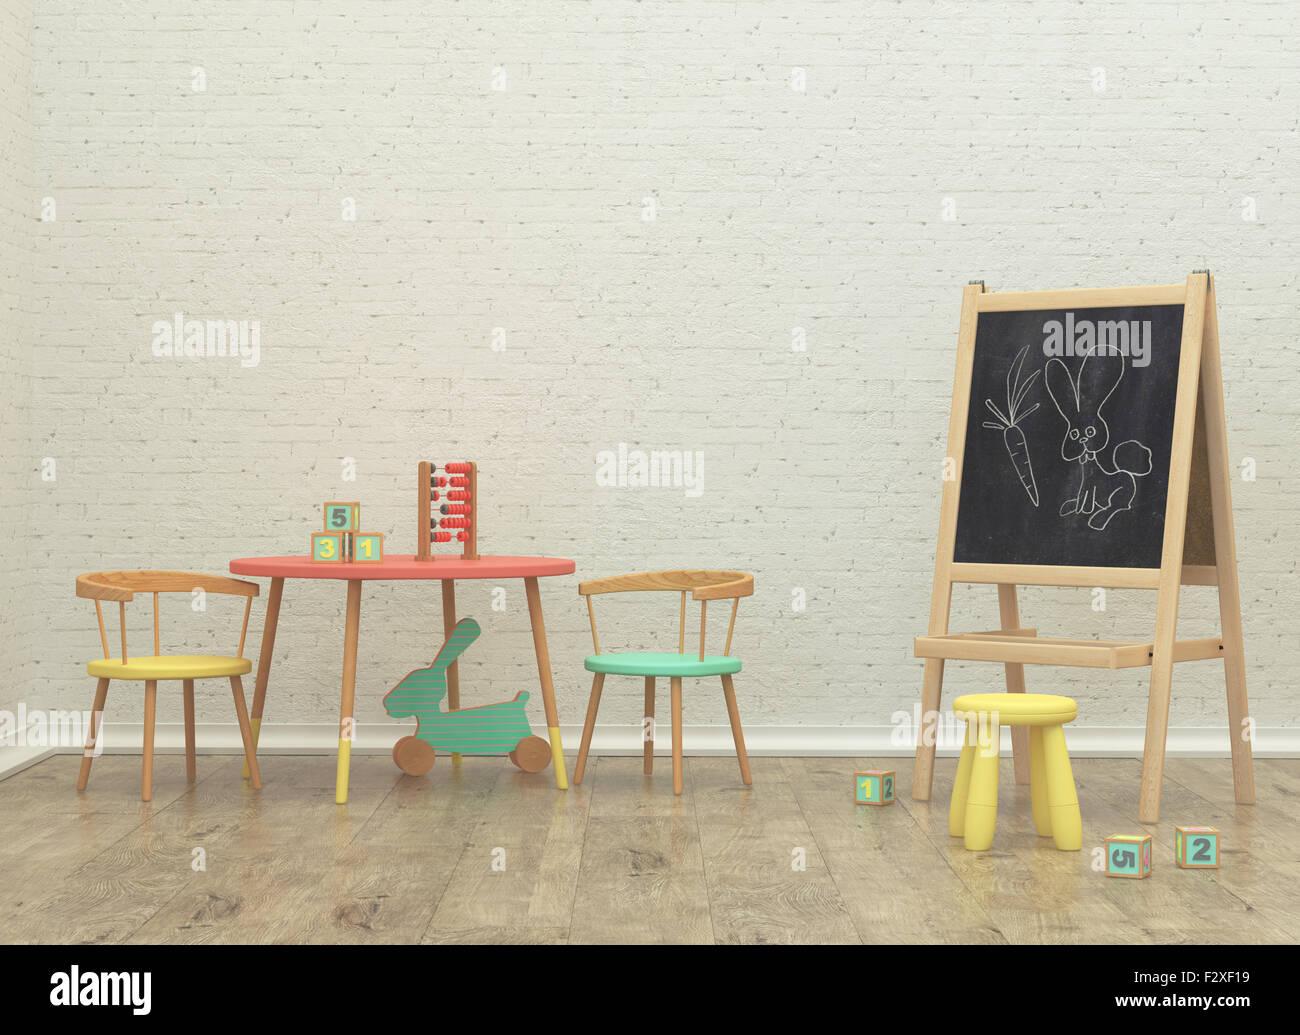 Kinder Games Room interior 3d Render Bild mit Board und Spielzeug Stockbild